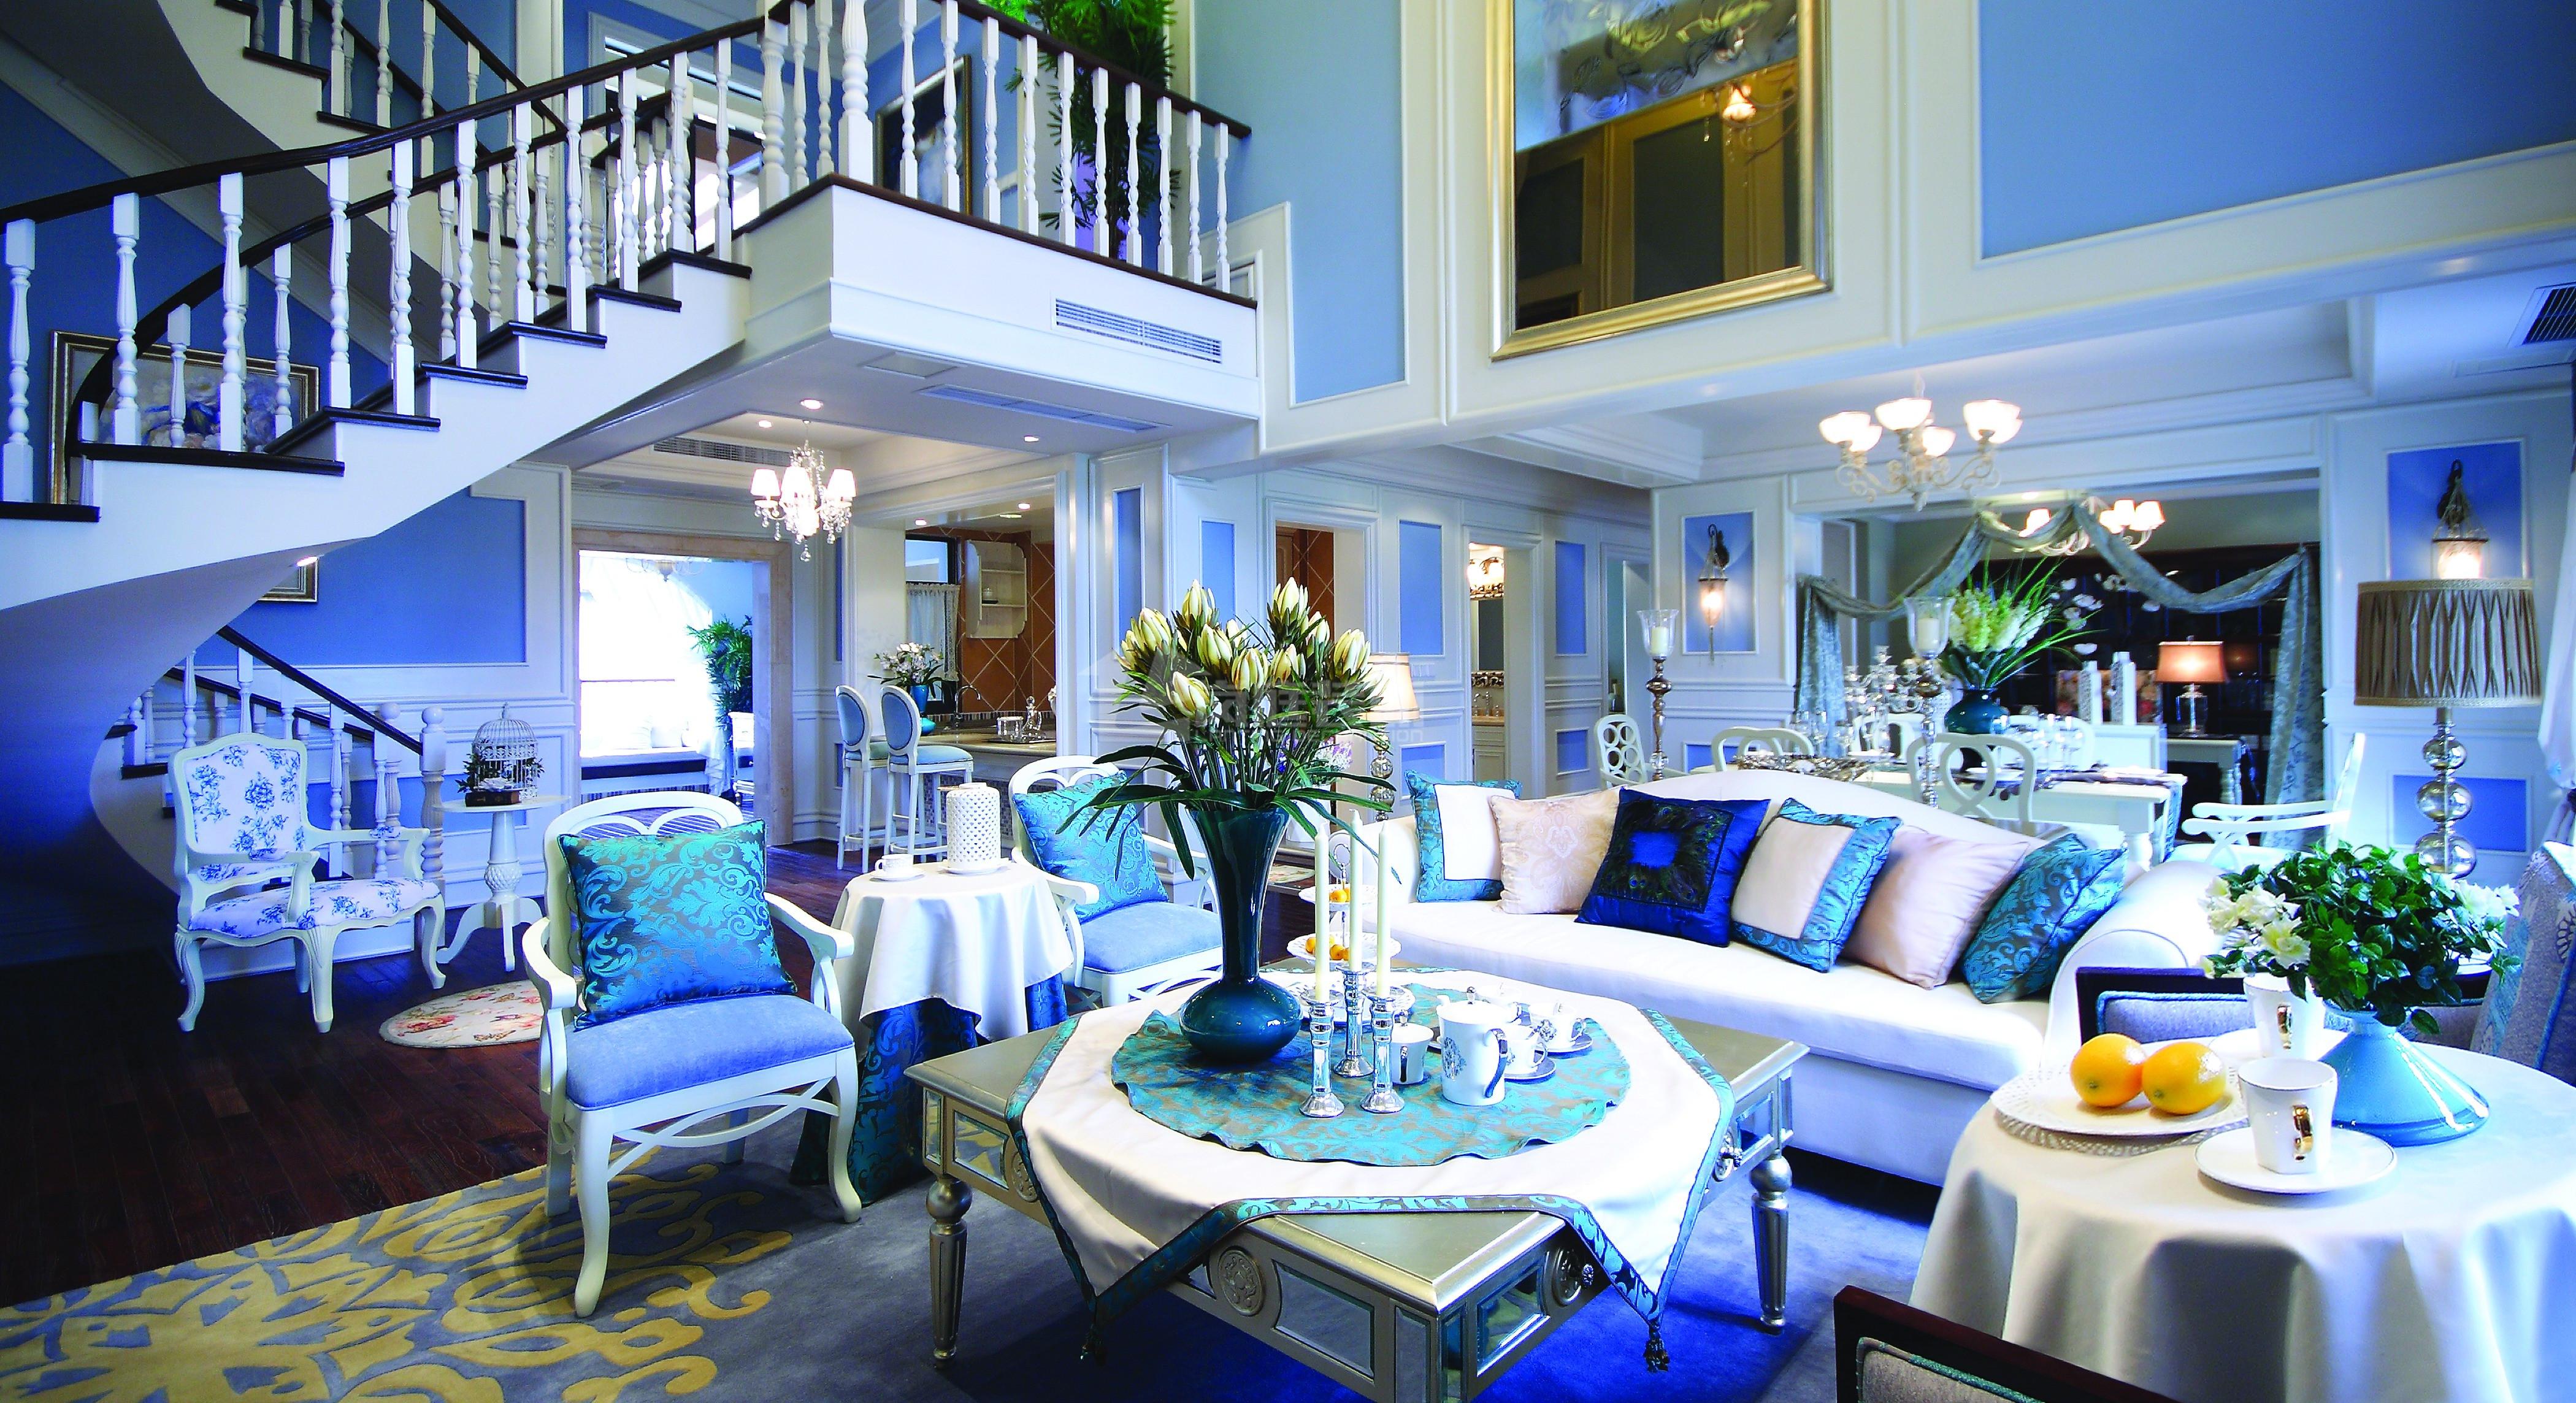 80后 小资 地中海 三居室 客厅图片来自岚庭家居在百步亭金侨汇的分享